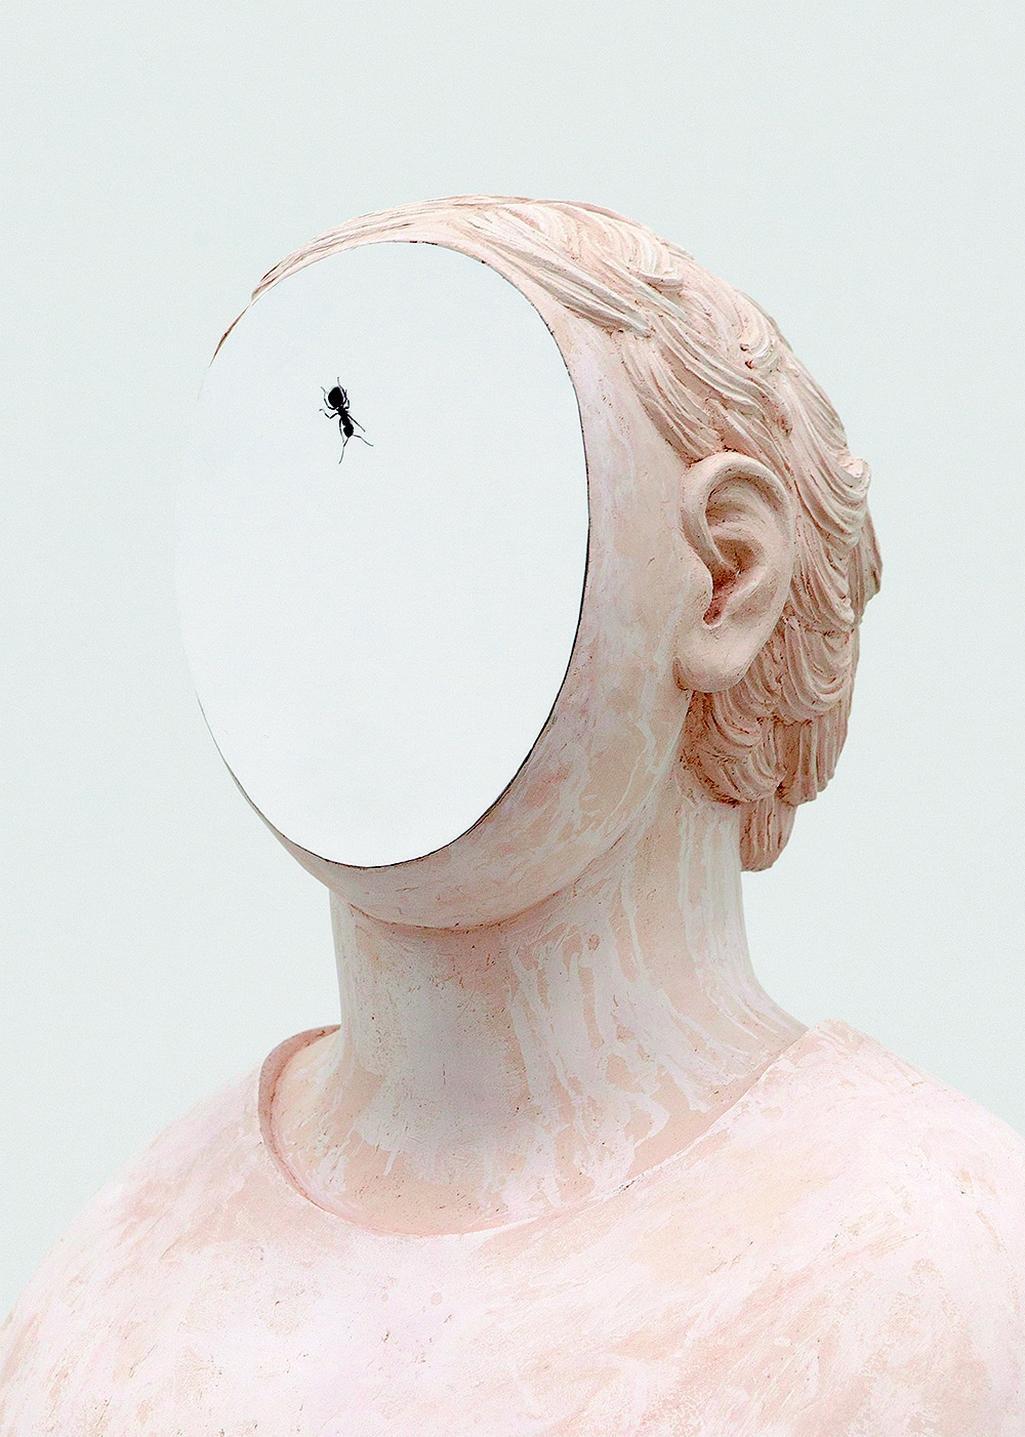 Anna Hulačová: Portrét s mravencem, 2017